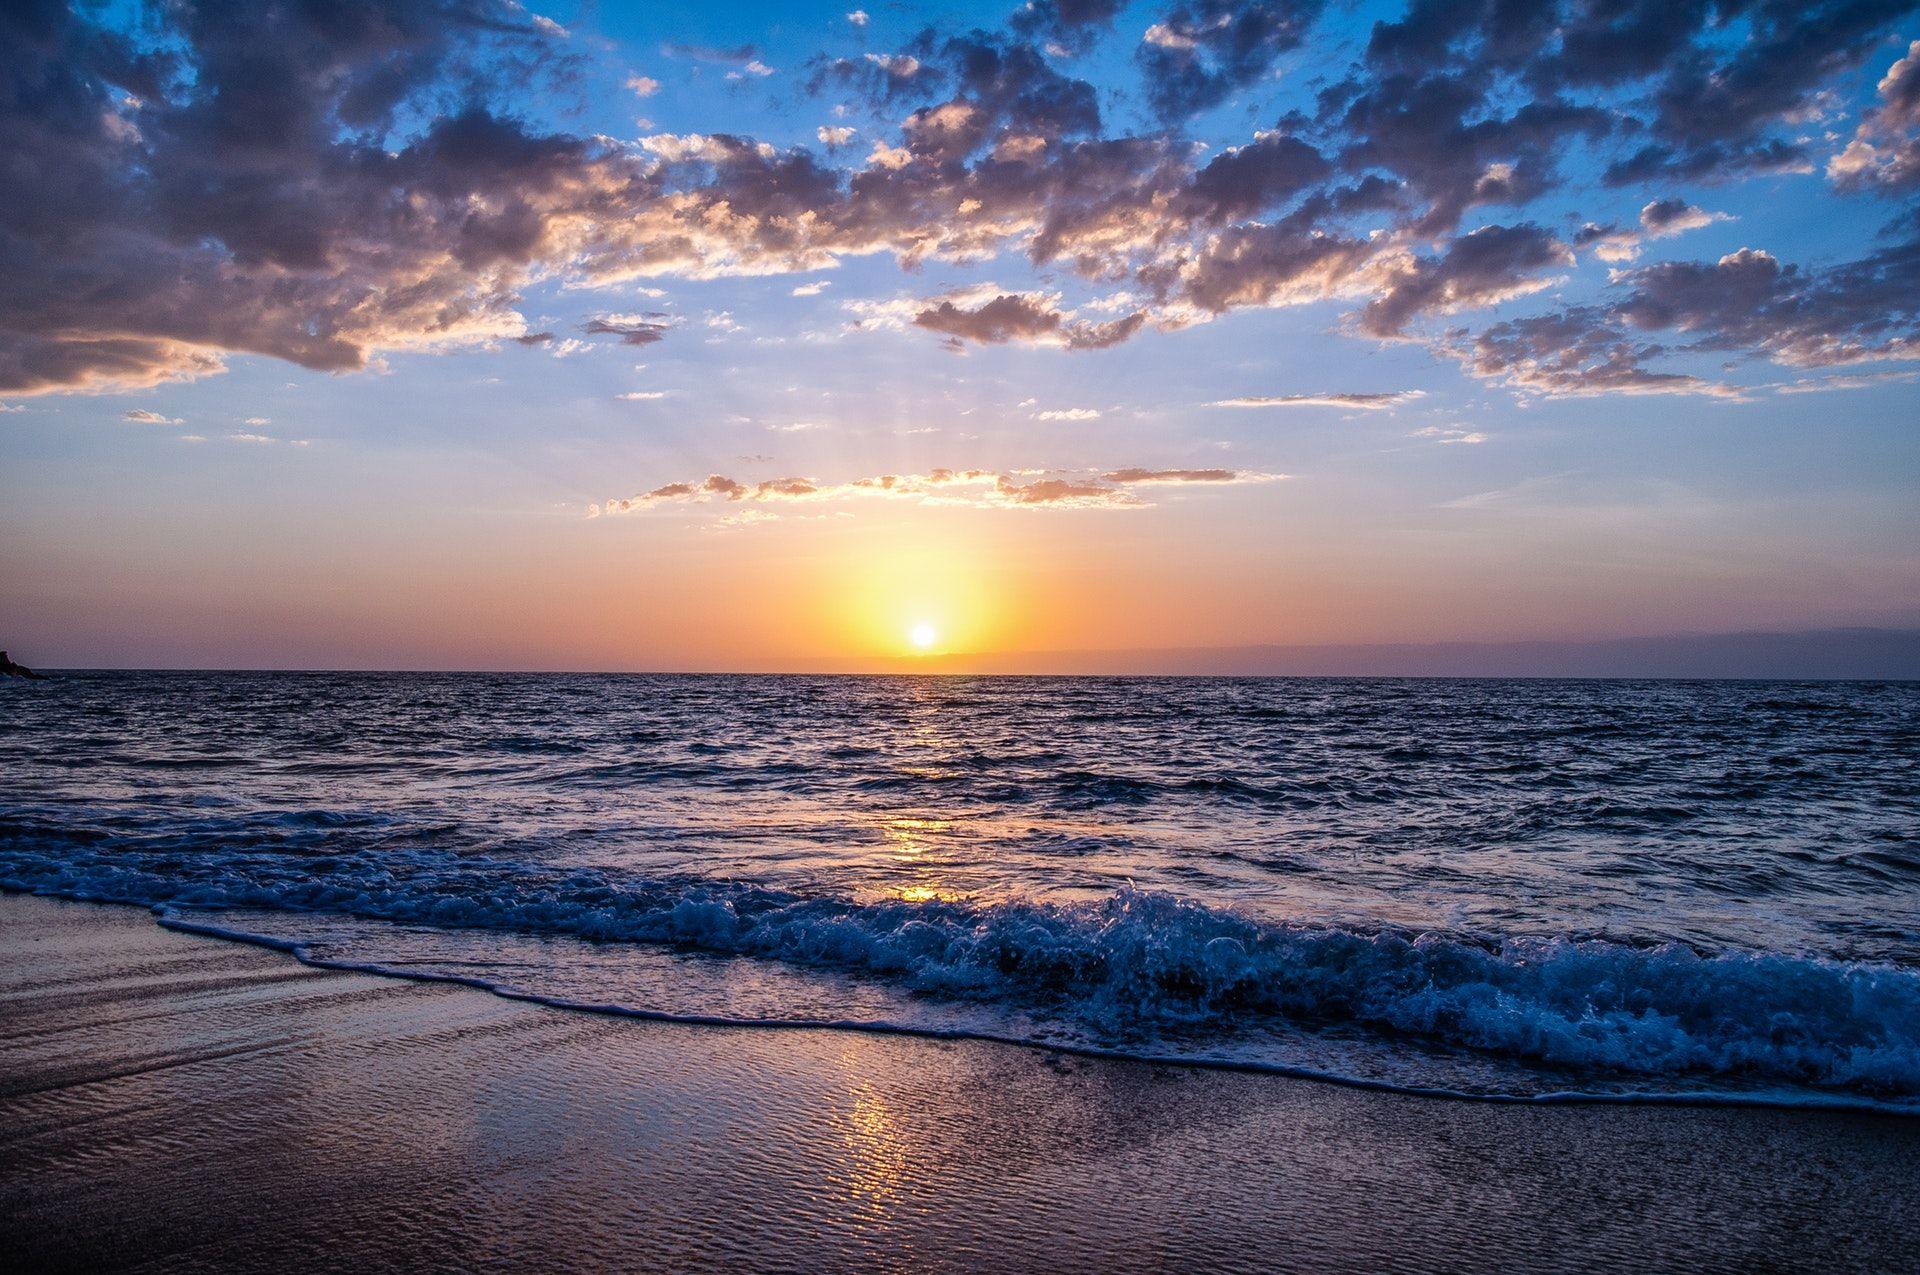 عکس زمینه ساحل در غروب HDR پس زمینه